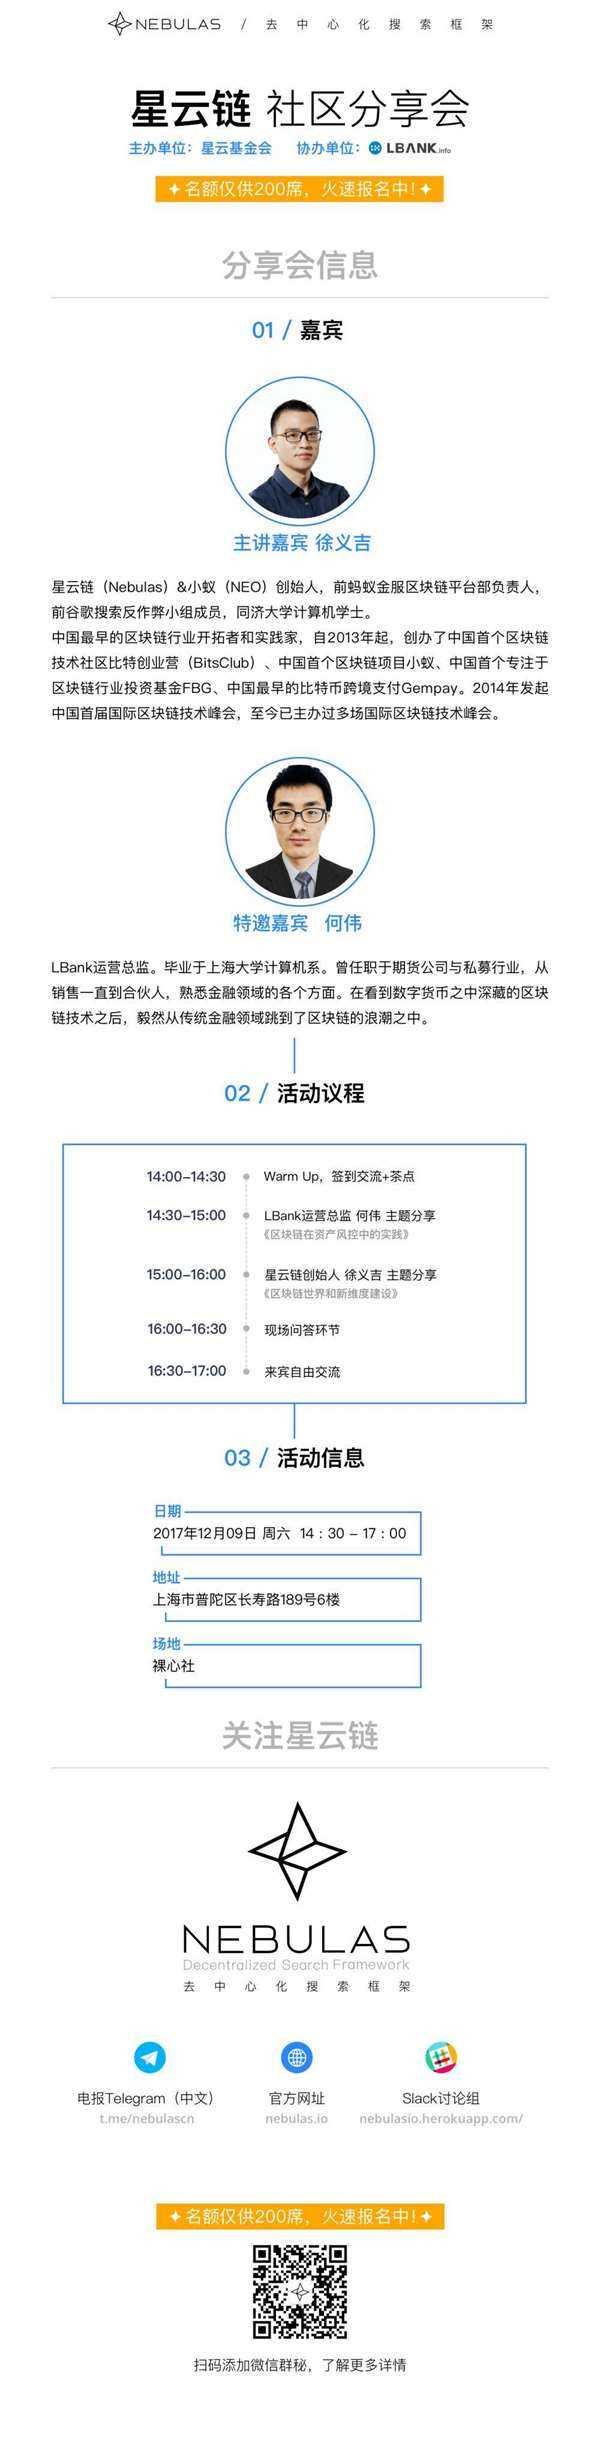 社区分享会@上海 详情页面@2x.png